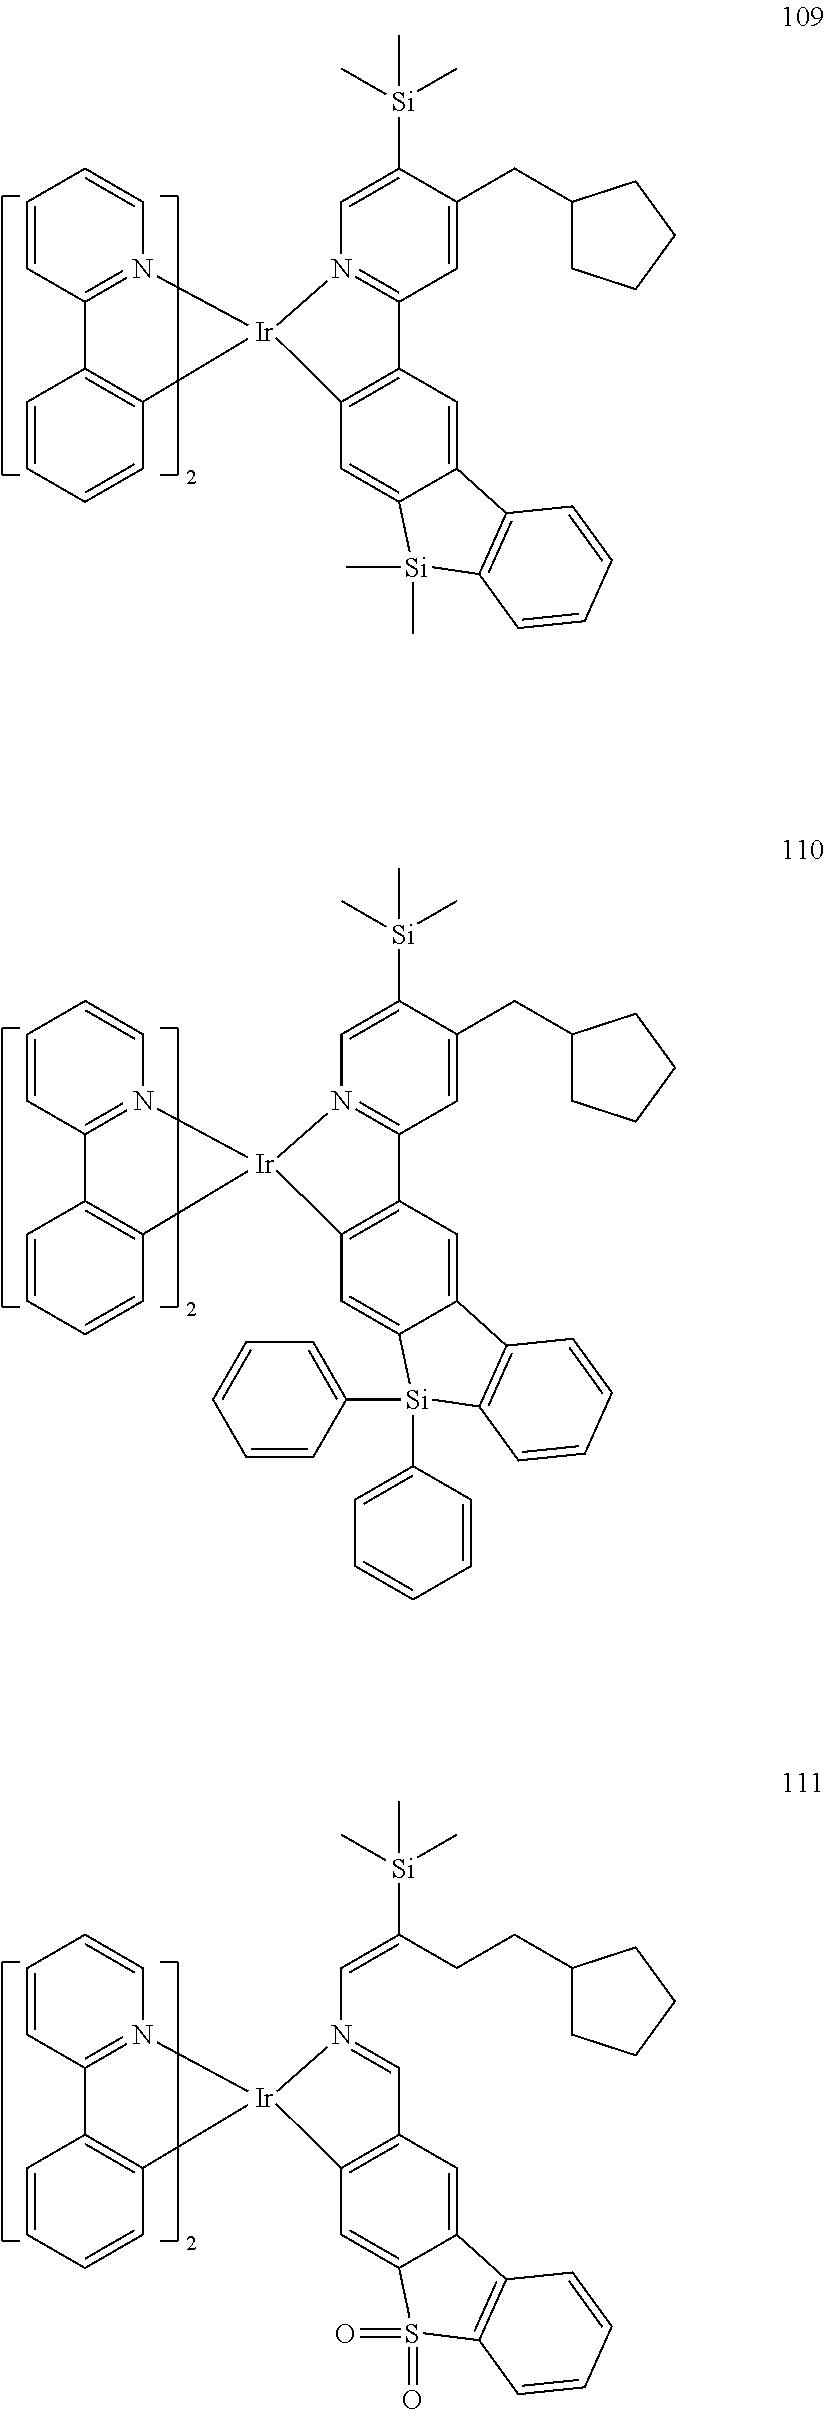 Figure US20160155962A1-20160602-C00090